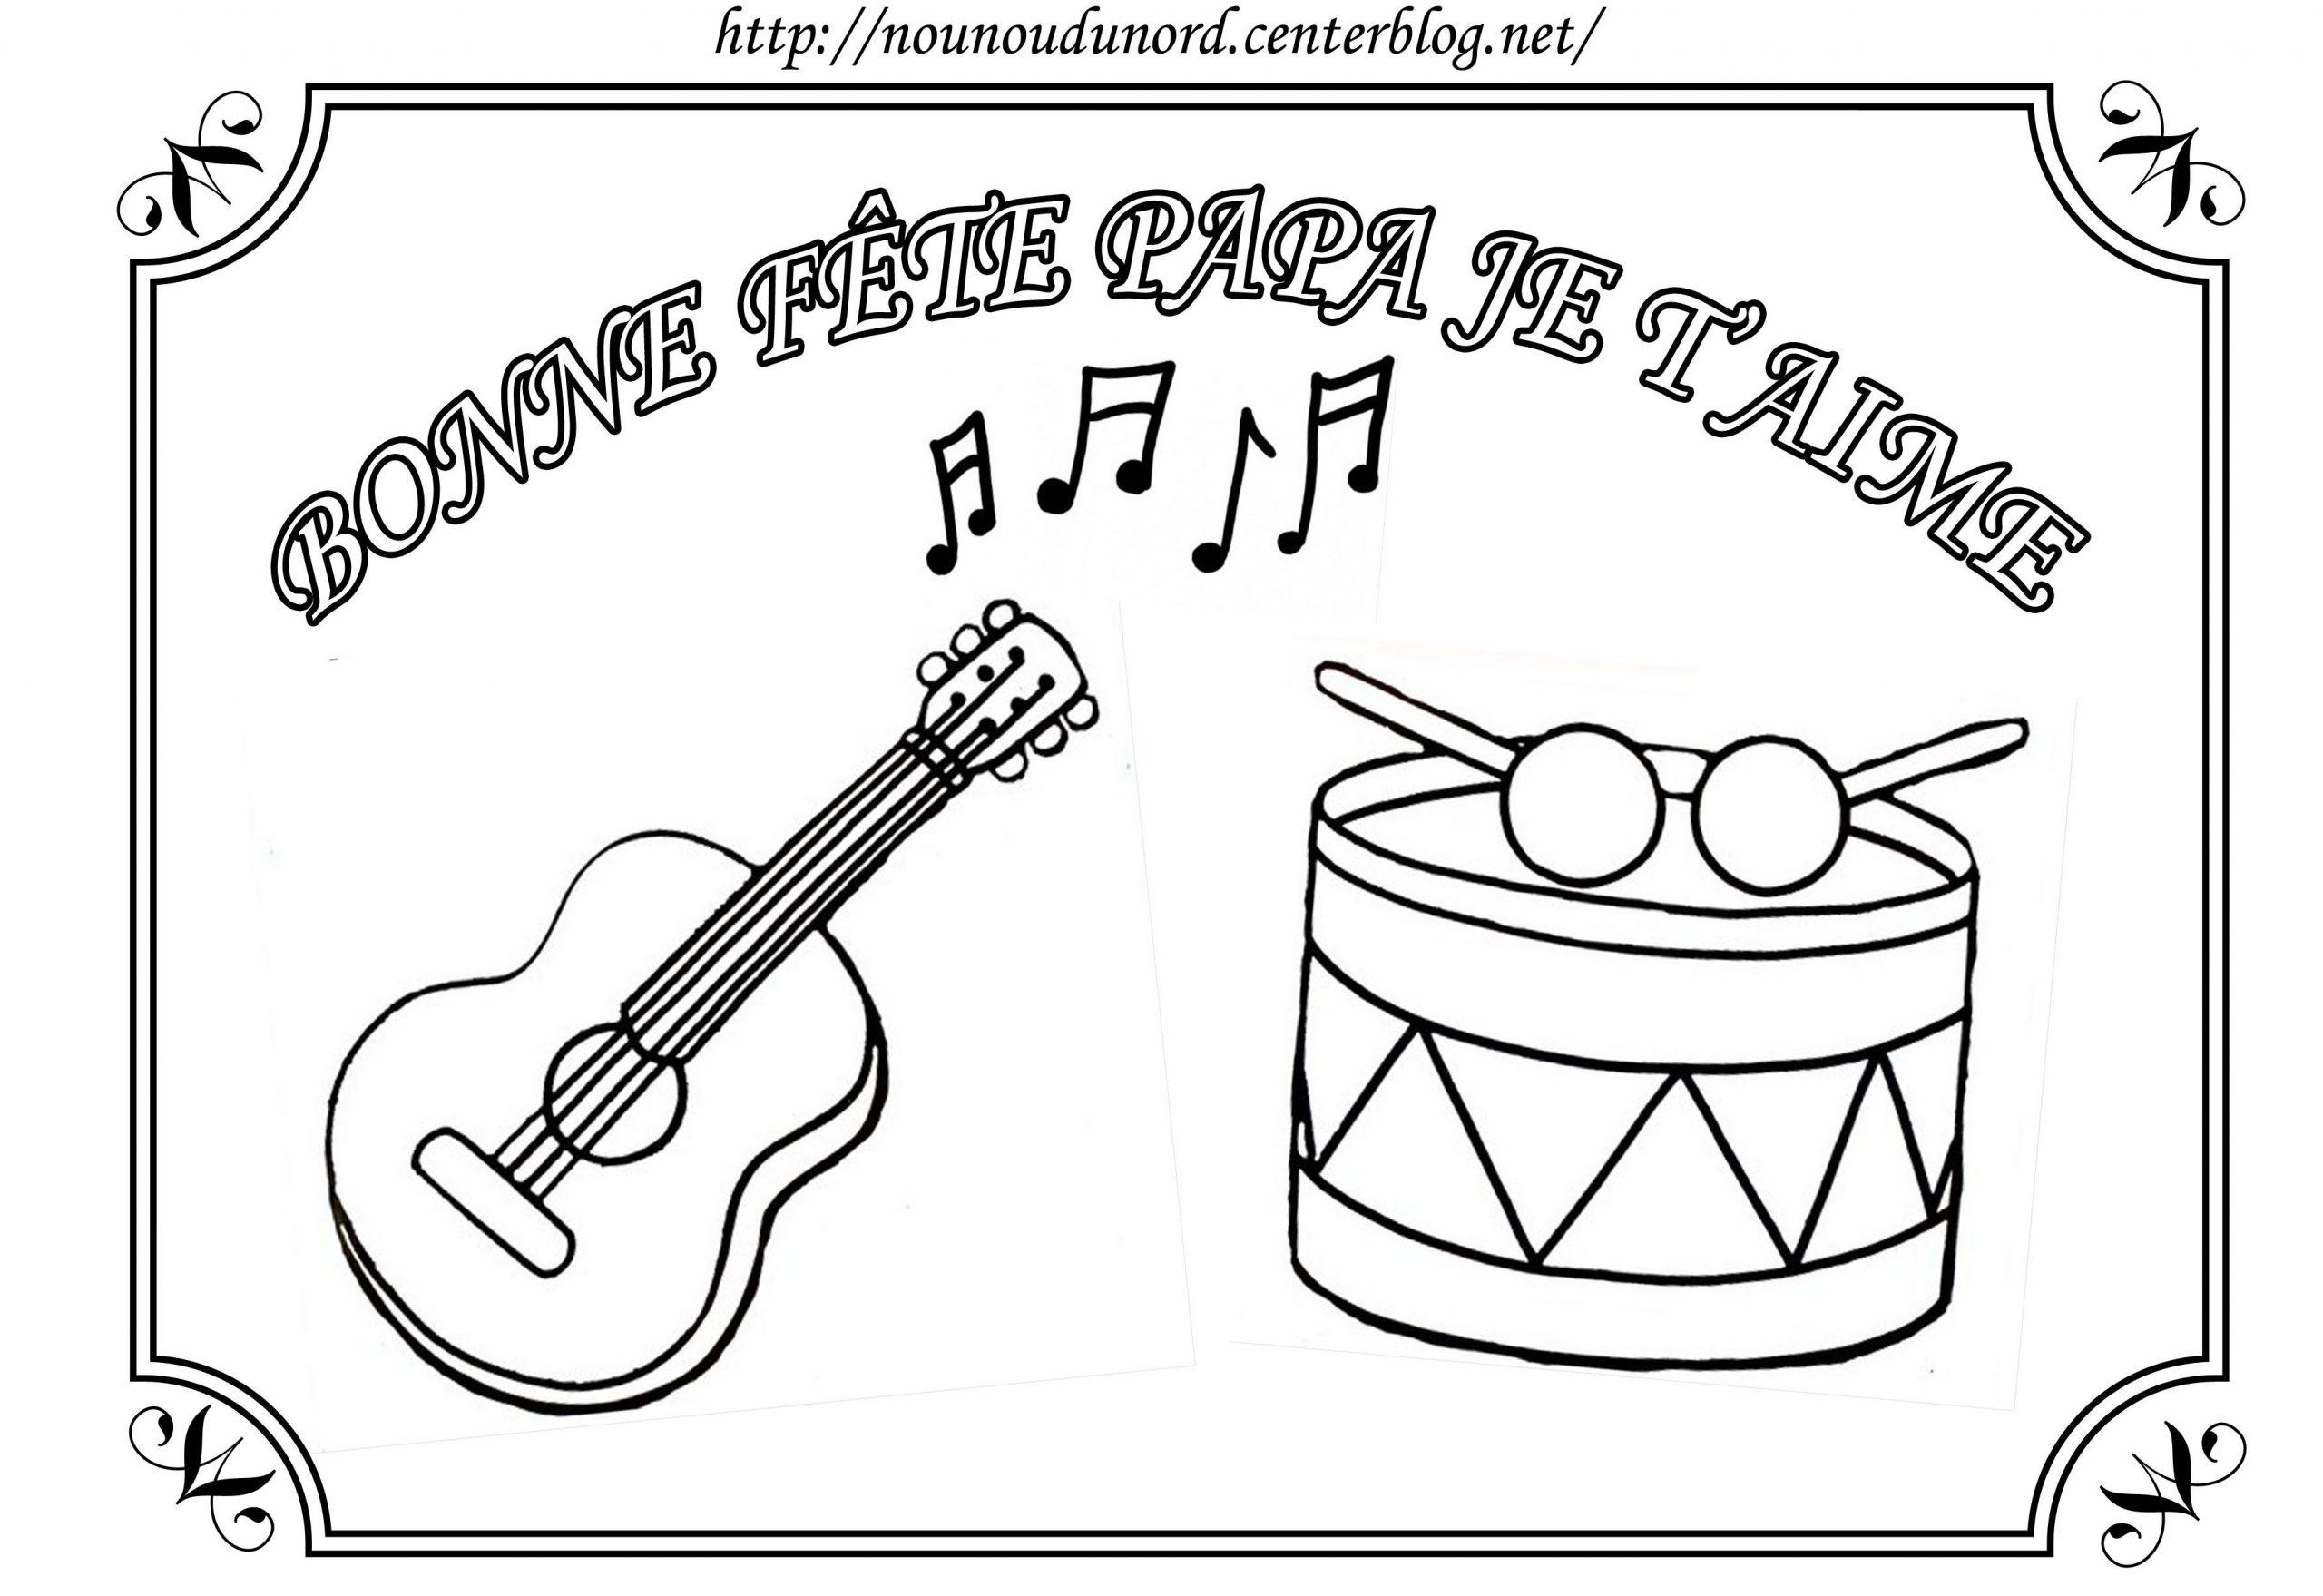 Coloriage Instruments De Musique Pour La Fête à Image Instrument De Musique À Imprimer